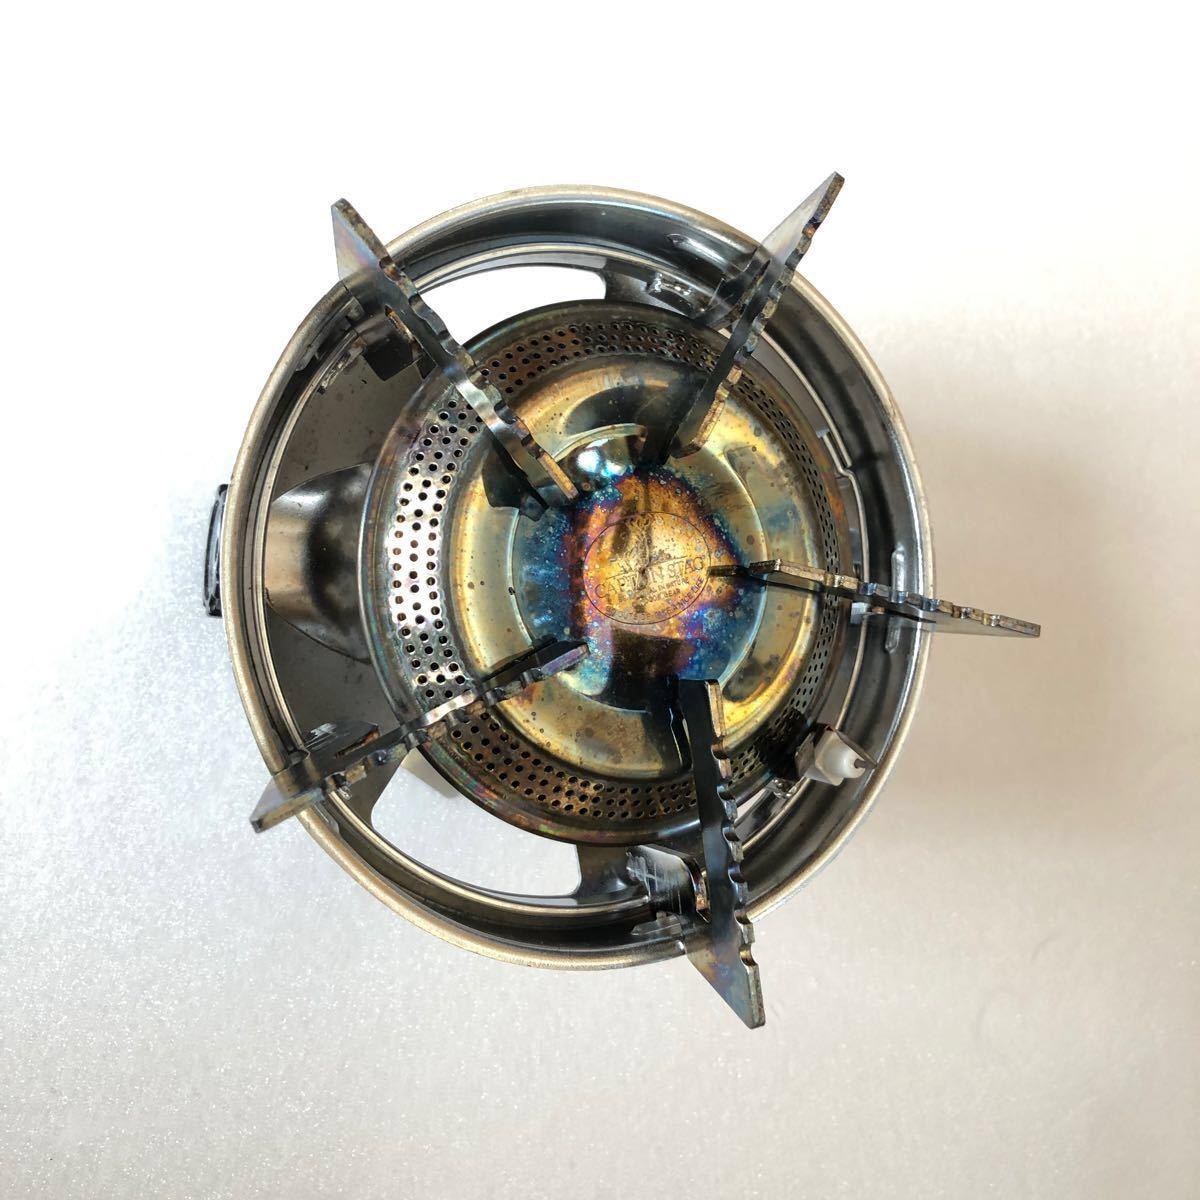 キャプテンスタッグ 小型ガスバーナーコンロ(ケース付き) M-7901E 圧電点火装置付 CAPTAIN STAG